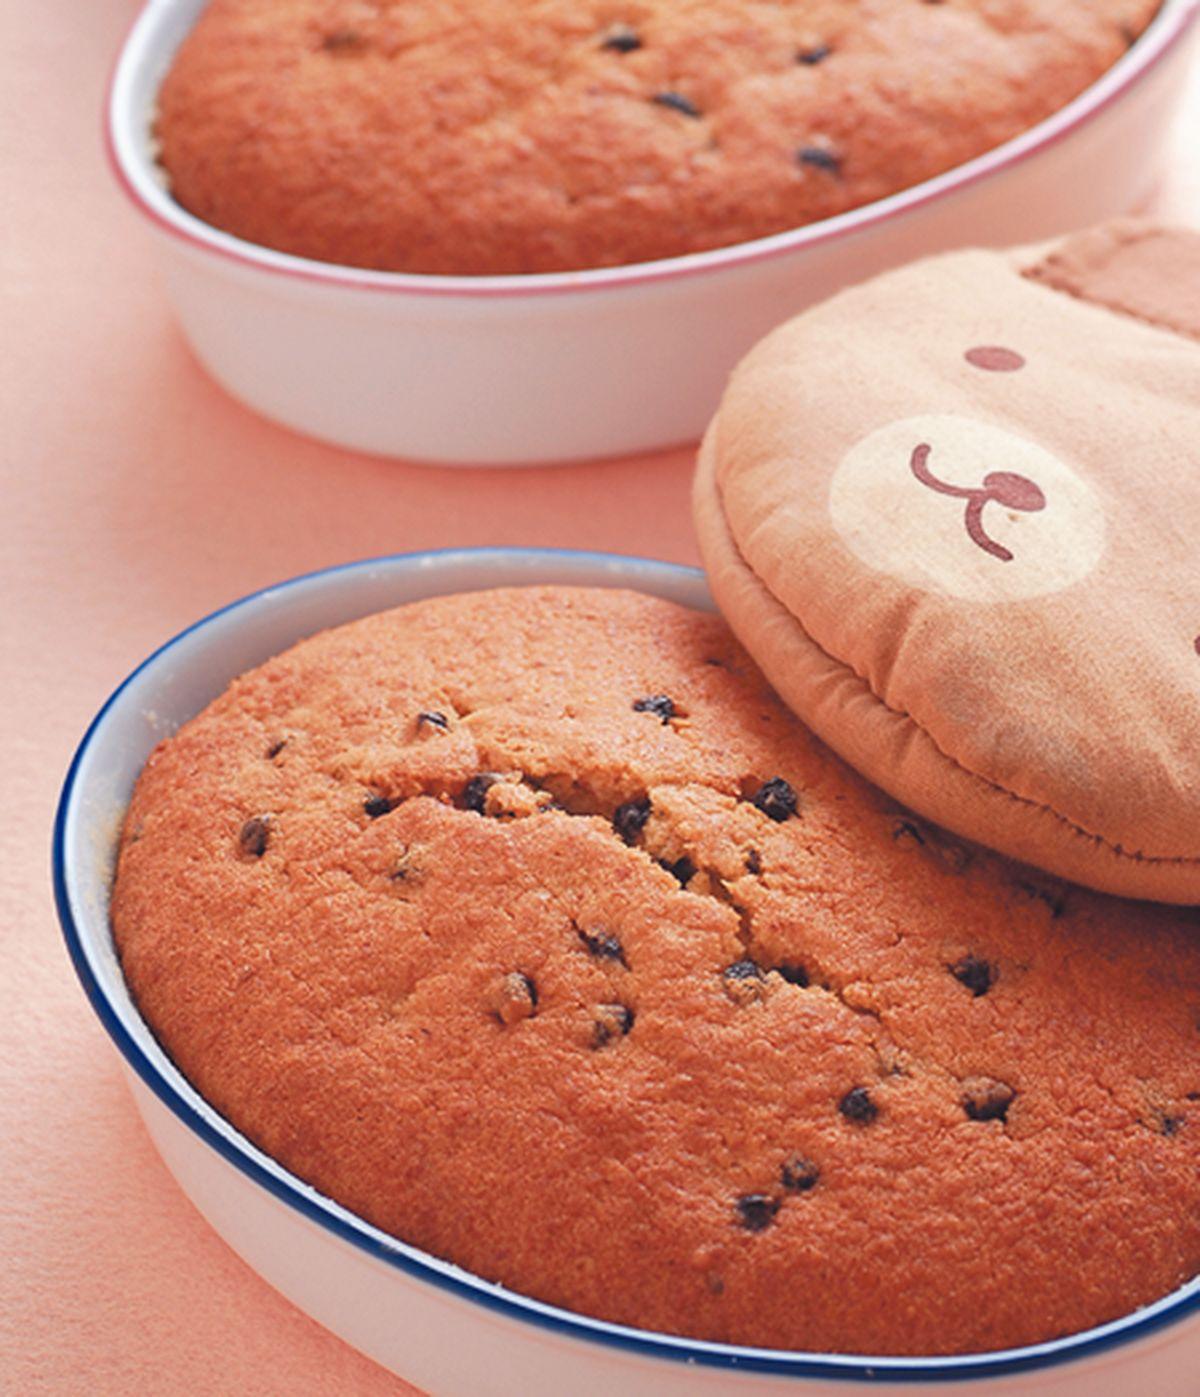 食譜:藍莓胚芽蛋糕